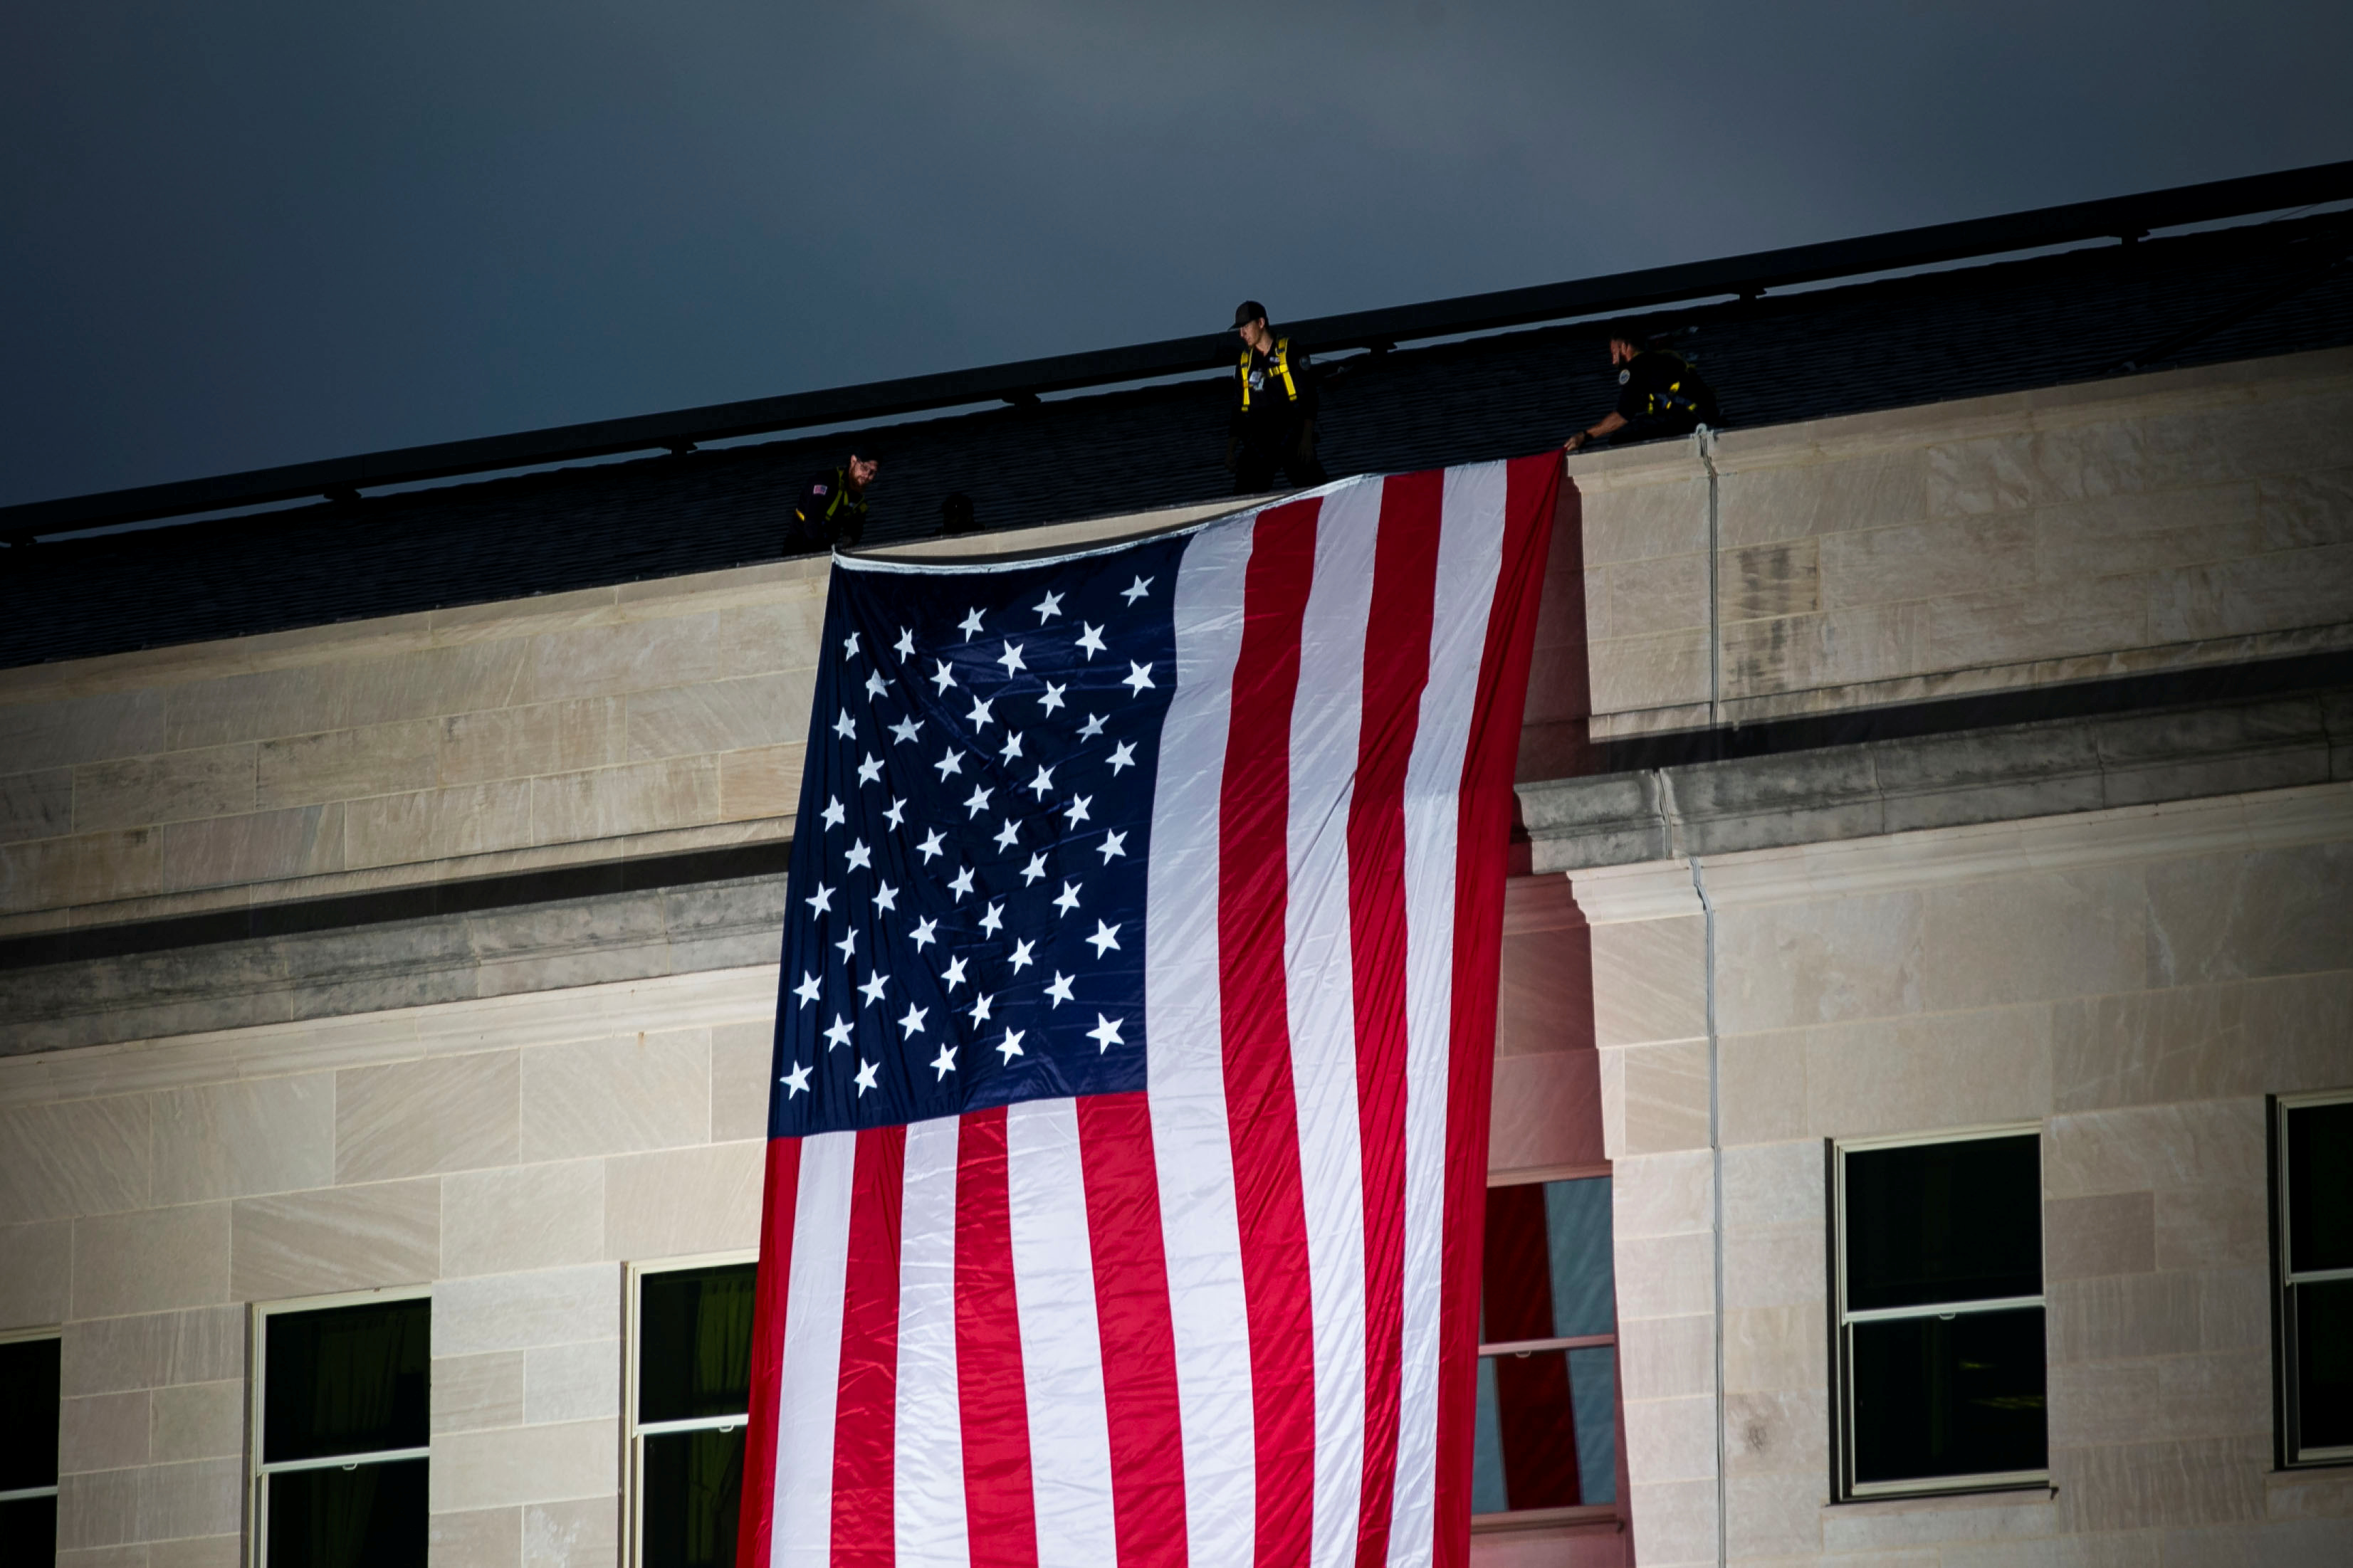 تنكيس الأعلام الأمريكية